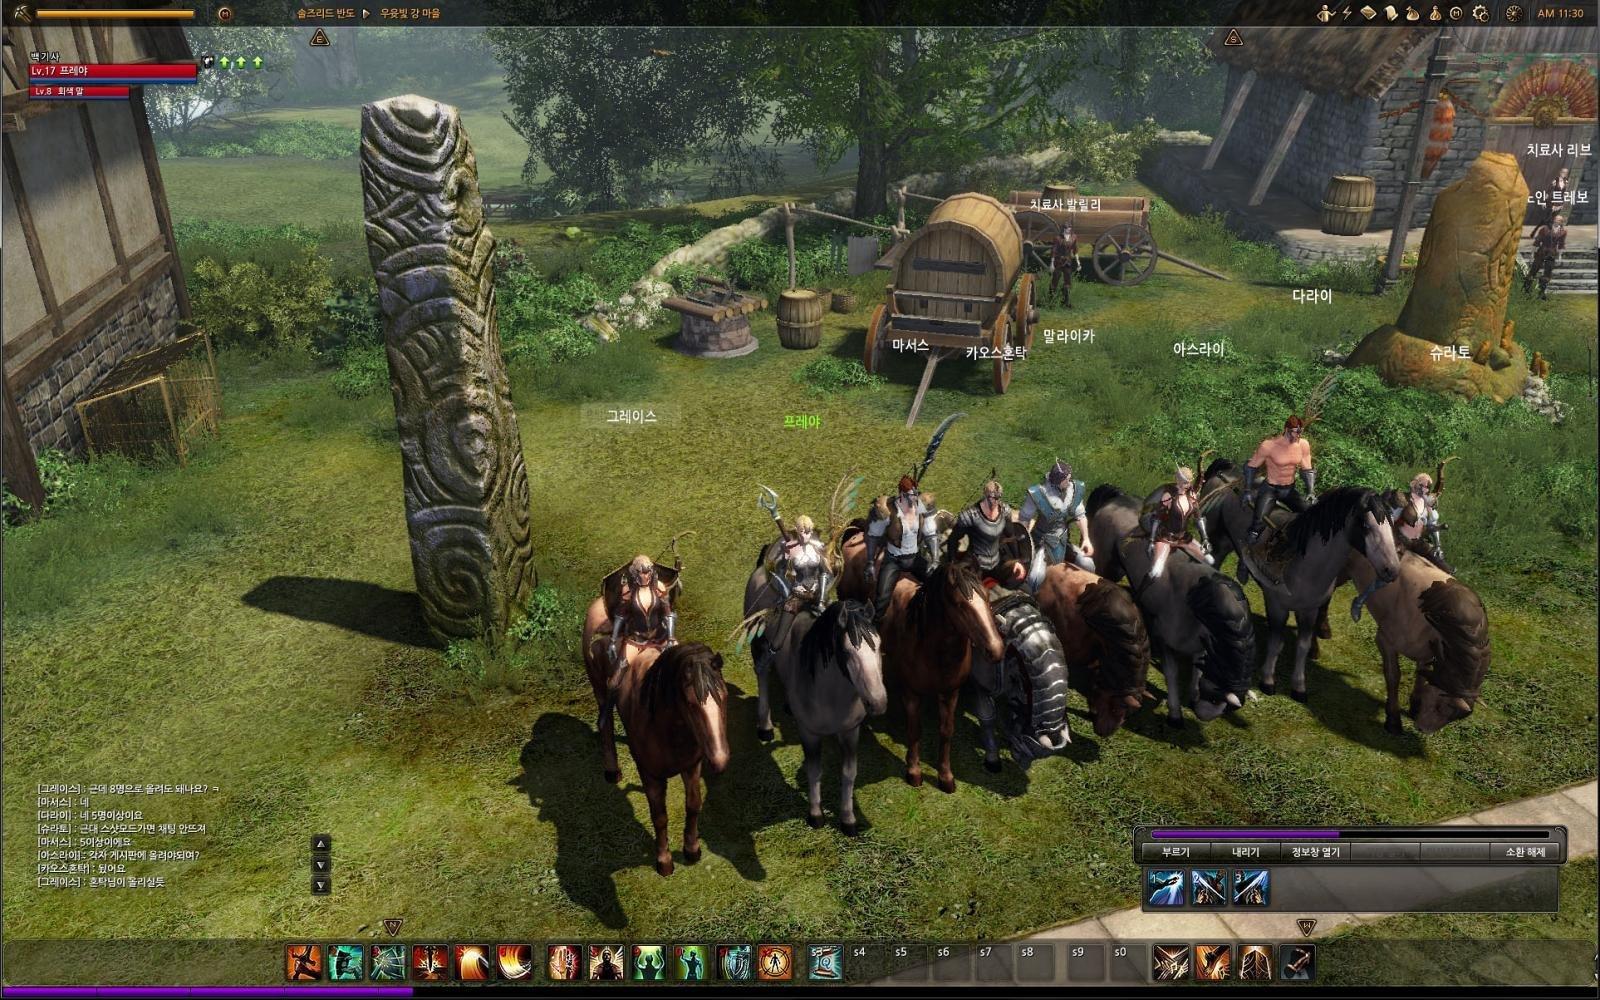 Скачать RPG игры на PC через торрент - poiskobuvi.ru